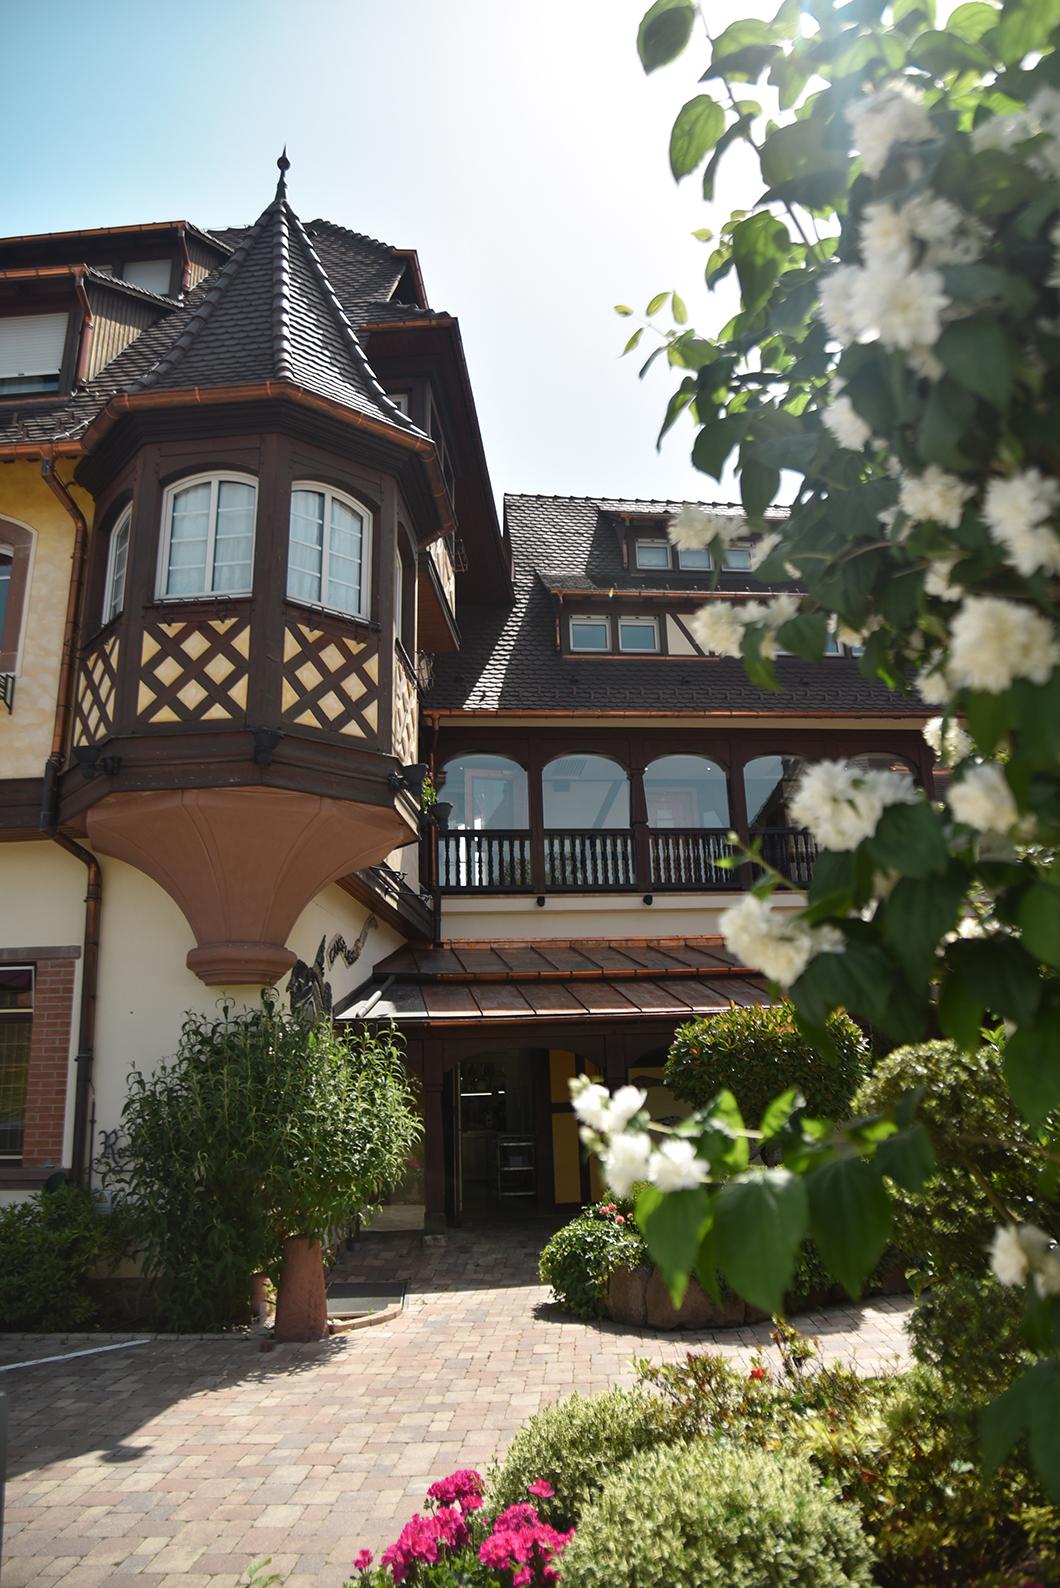 Dormir au Parc Hôtel Obernai, hôtel de charme à Obernai